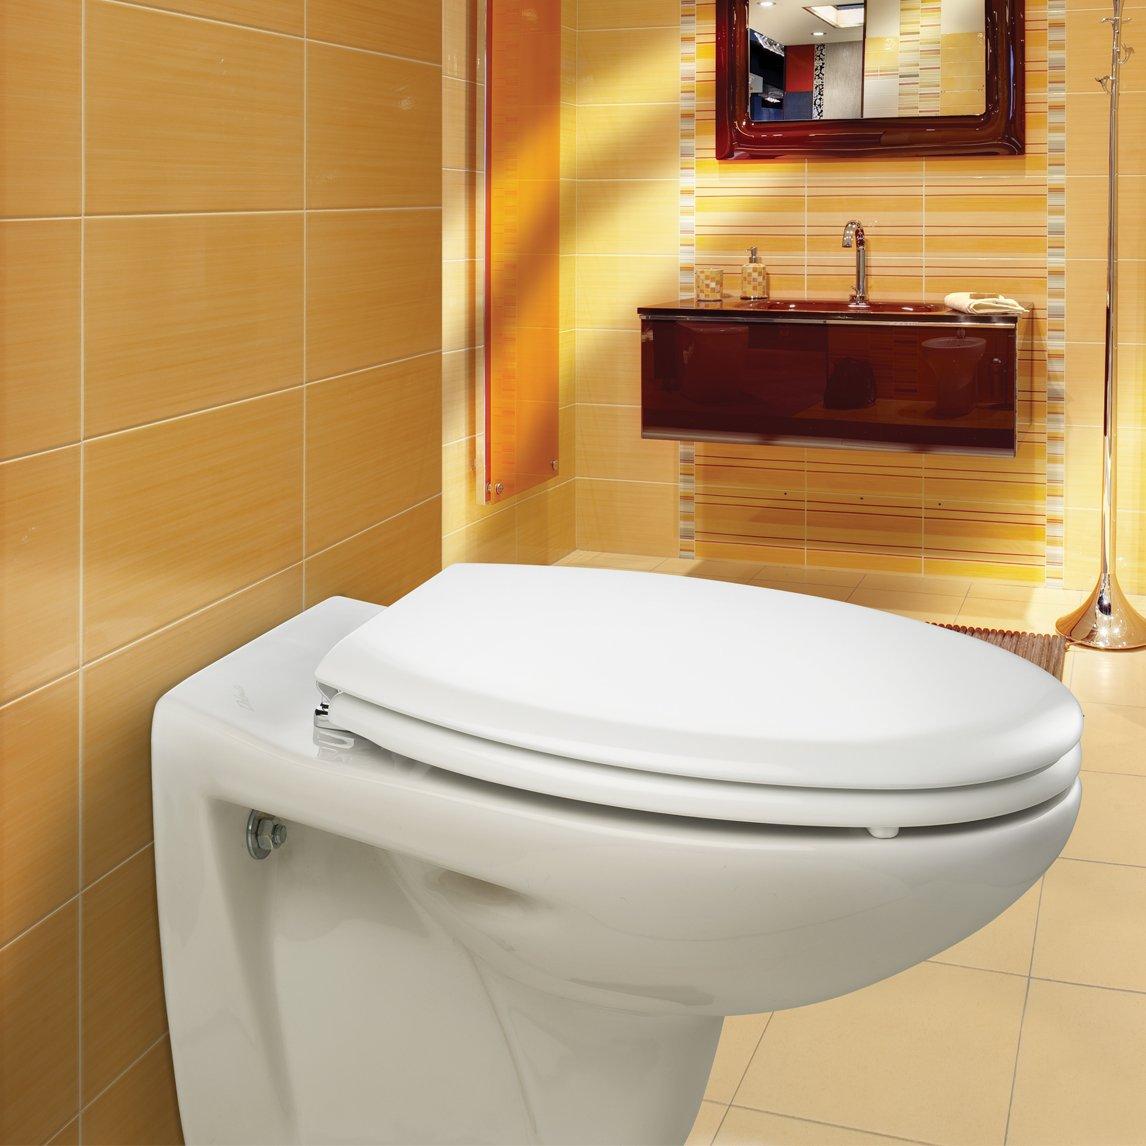 bemis white toilet seat.  Bemis New York Toilet Seat White Amazon Co Uk DIY Tools